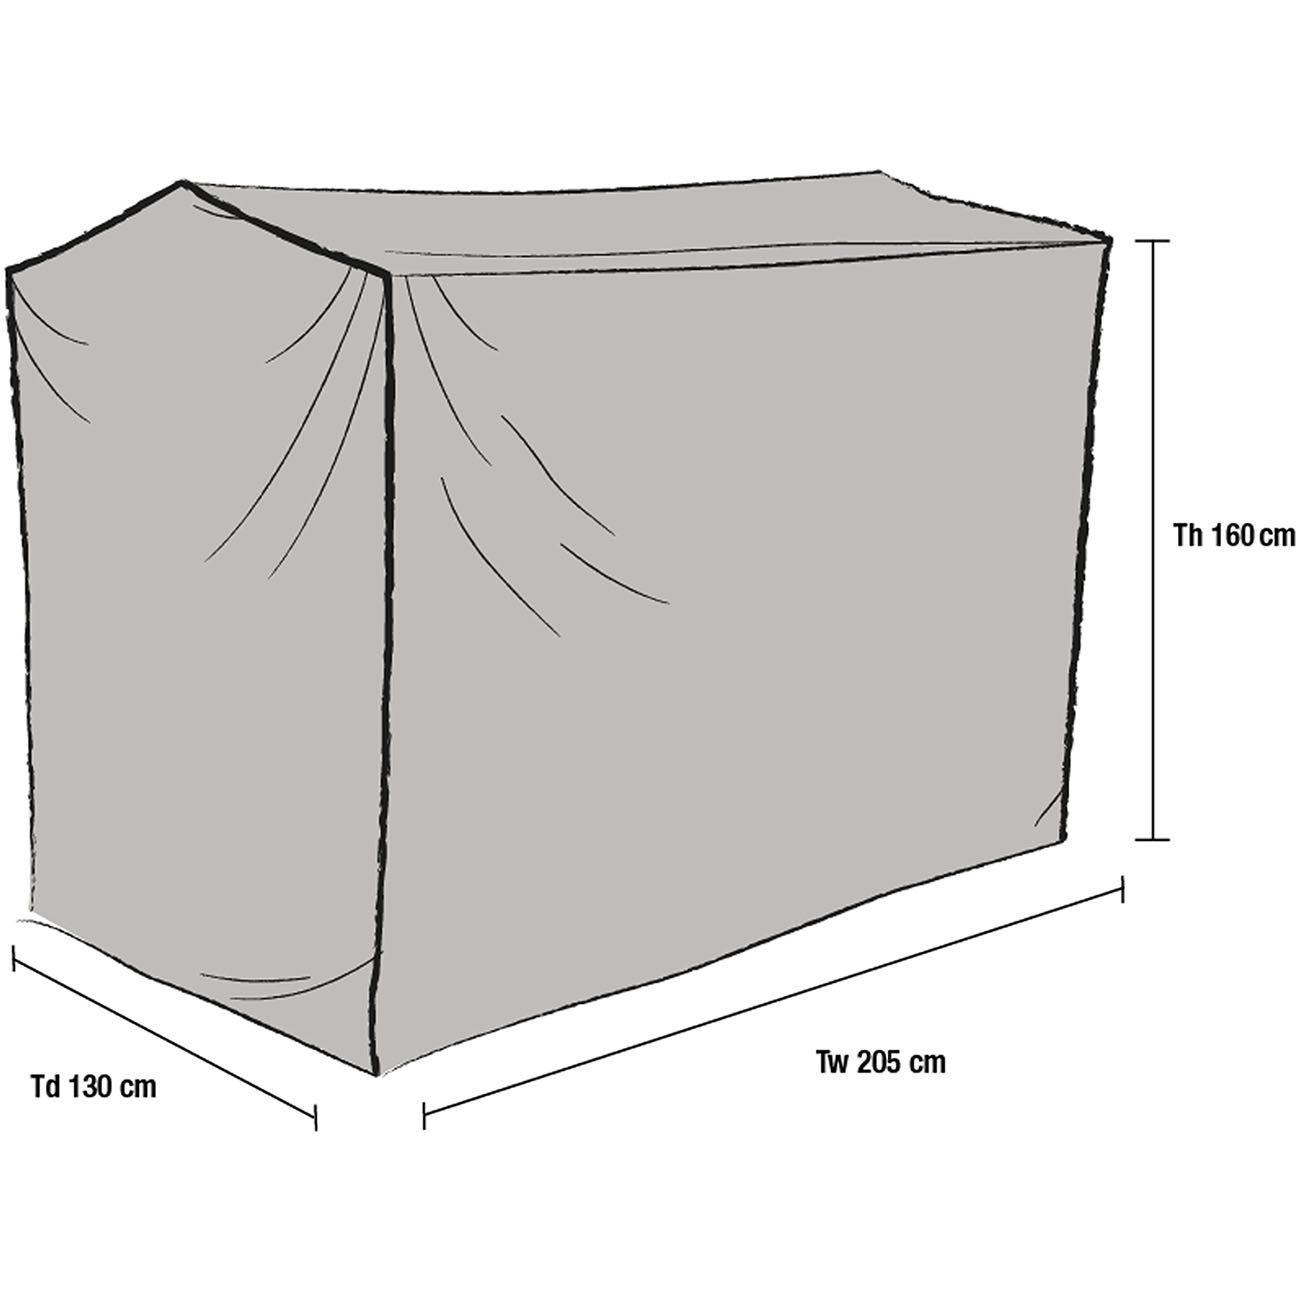 Skiss på hammockskydd 1046-7 från Brafab.